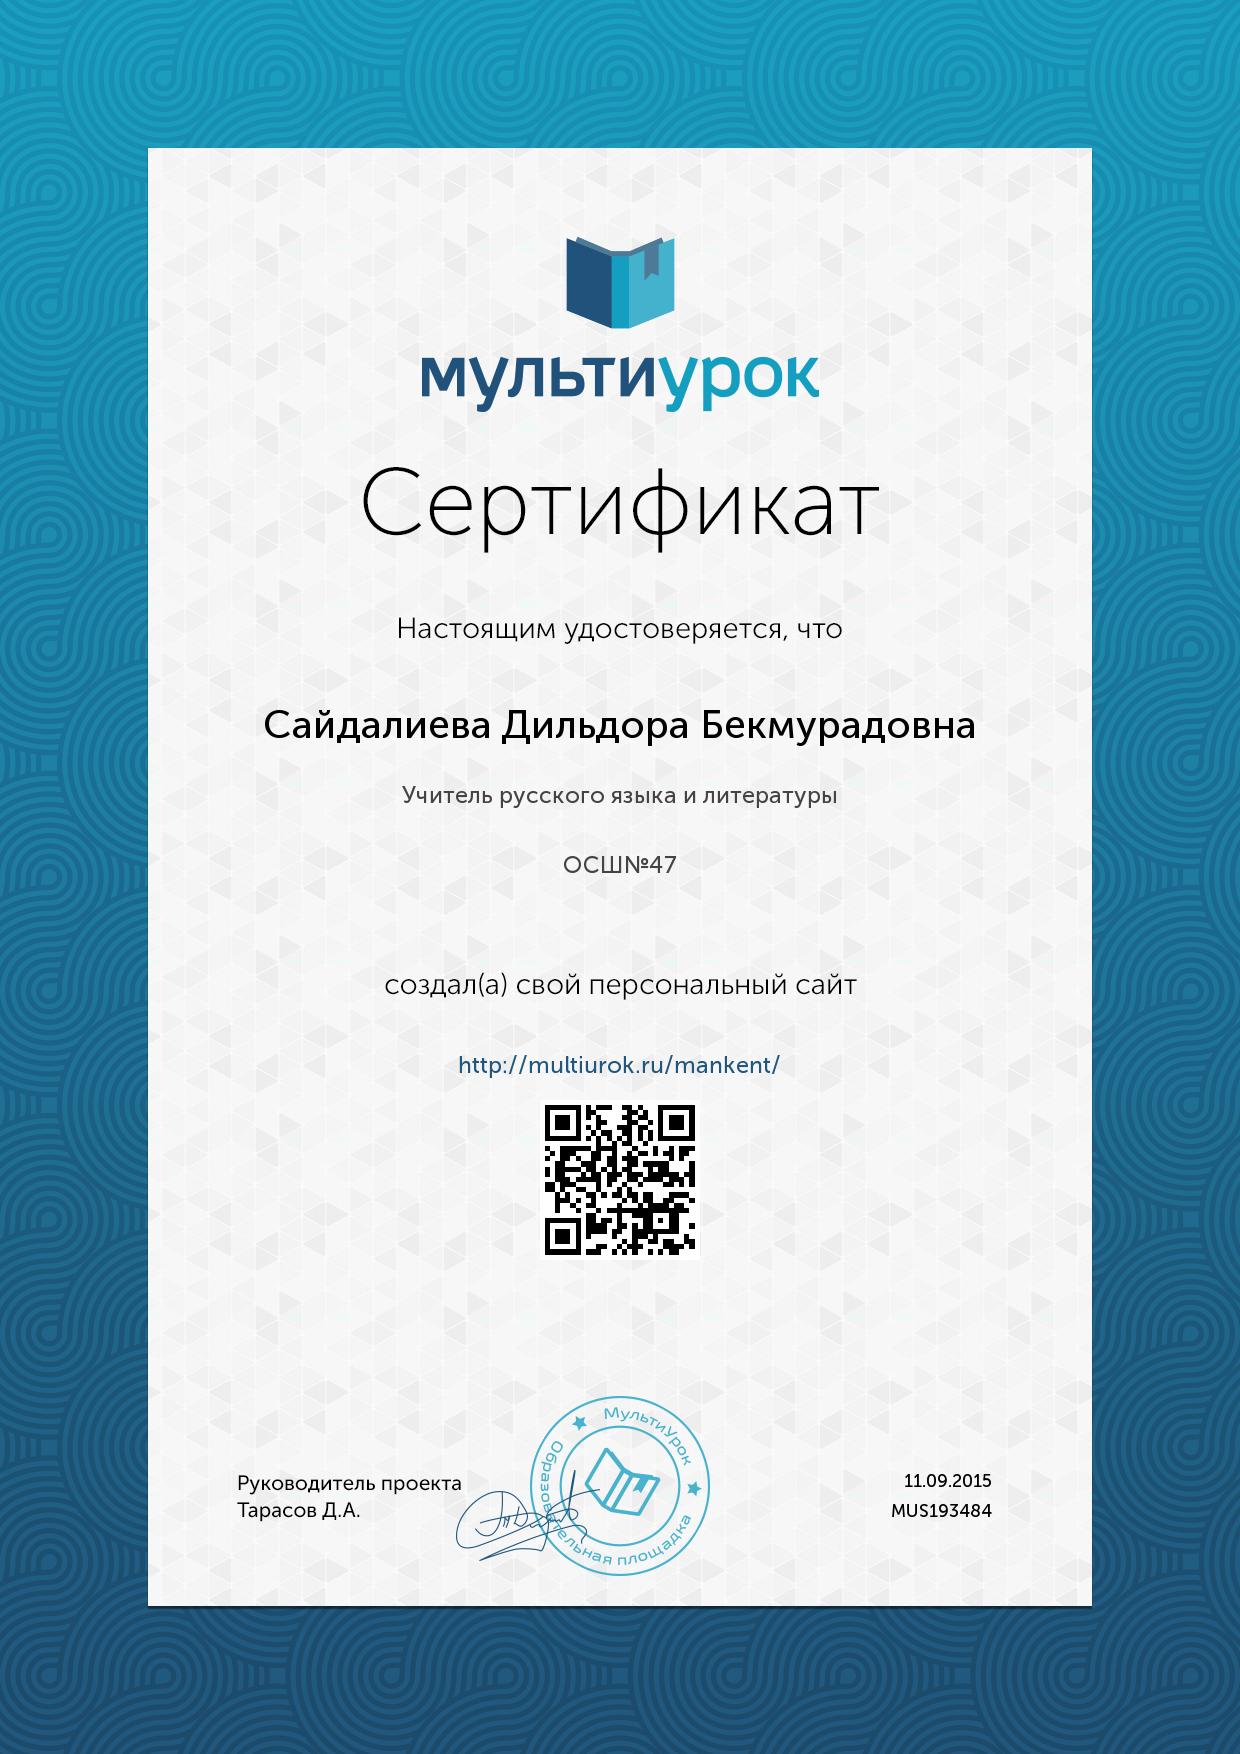 C:\Users\1\Desktop\Сертификат Сайдалиева Дильдора Бекмурадовна.png